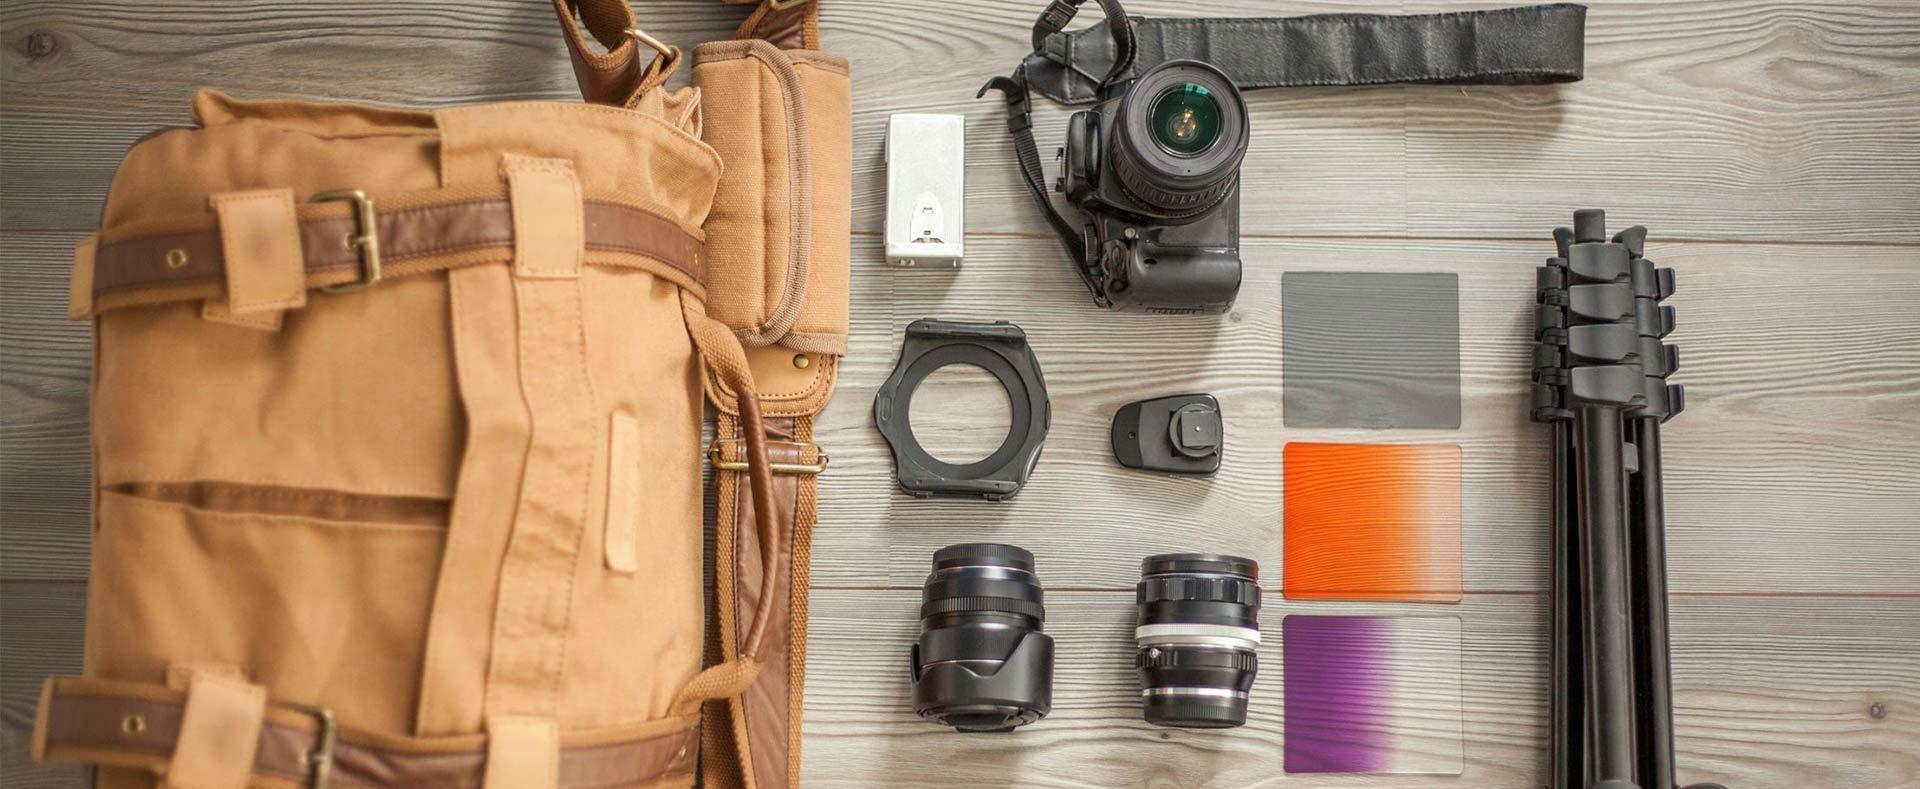 Как выбрать фотоаппарат в 2017 и не пожалеть о покупке?